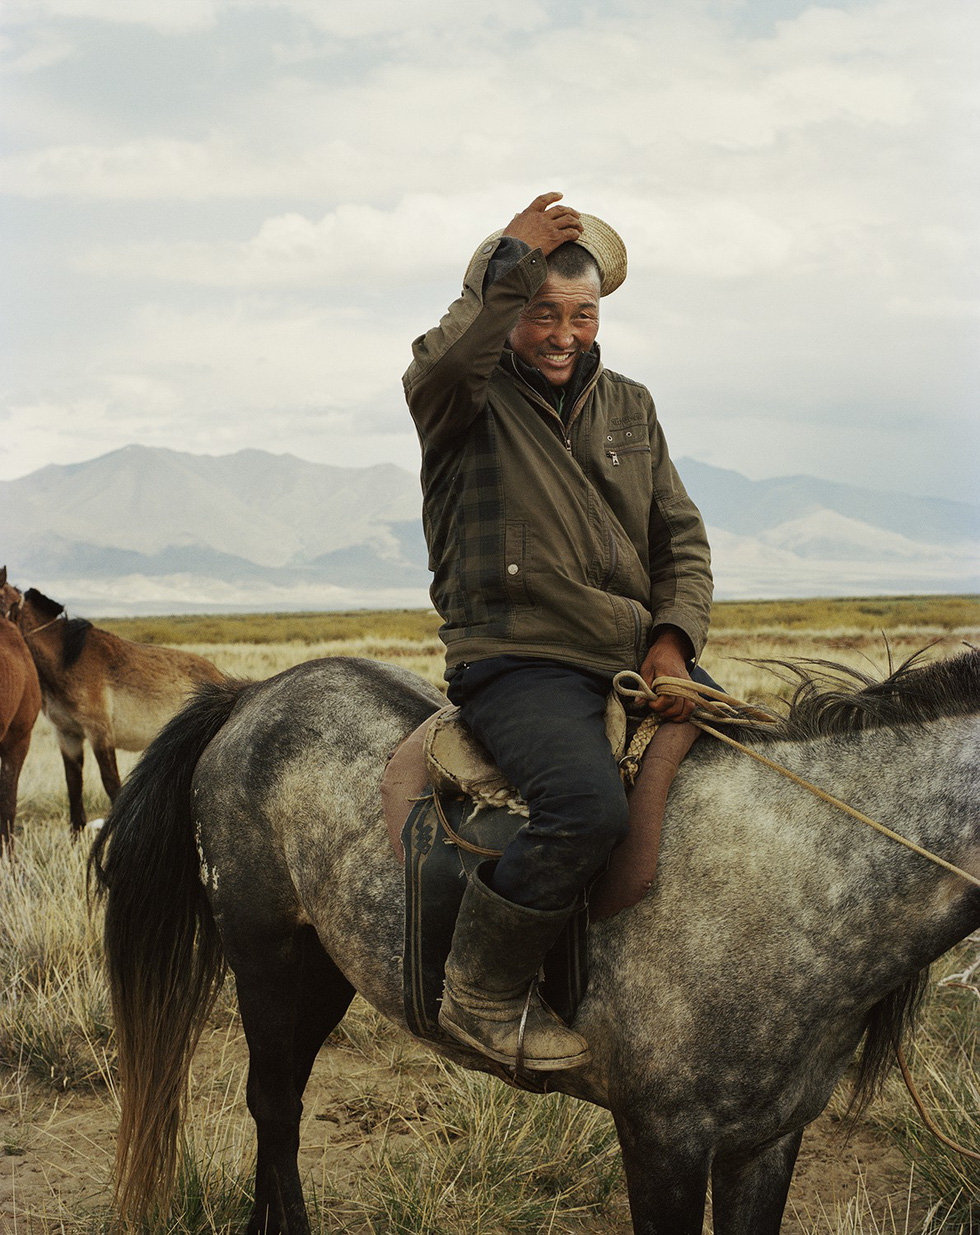 Vẻ đẹp tĩnh lặng đáng kinh ngạc trên thảo nguyên Mông Cổ - Ảnh 5.